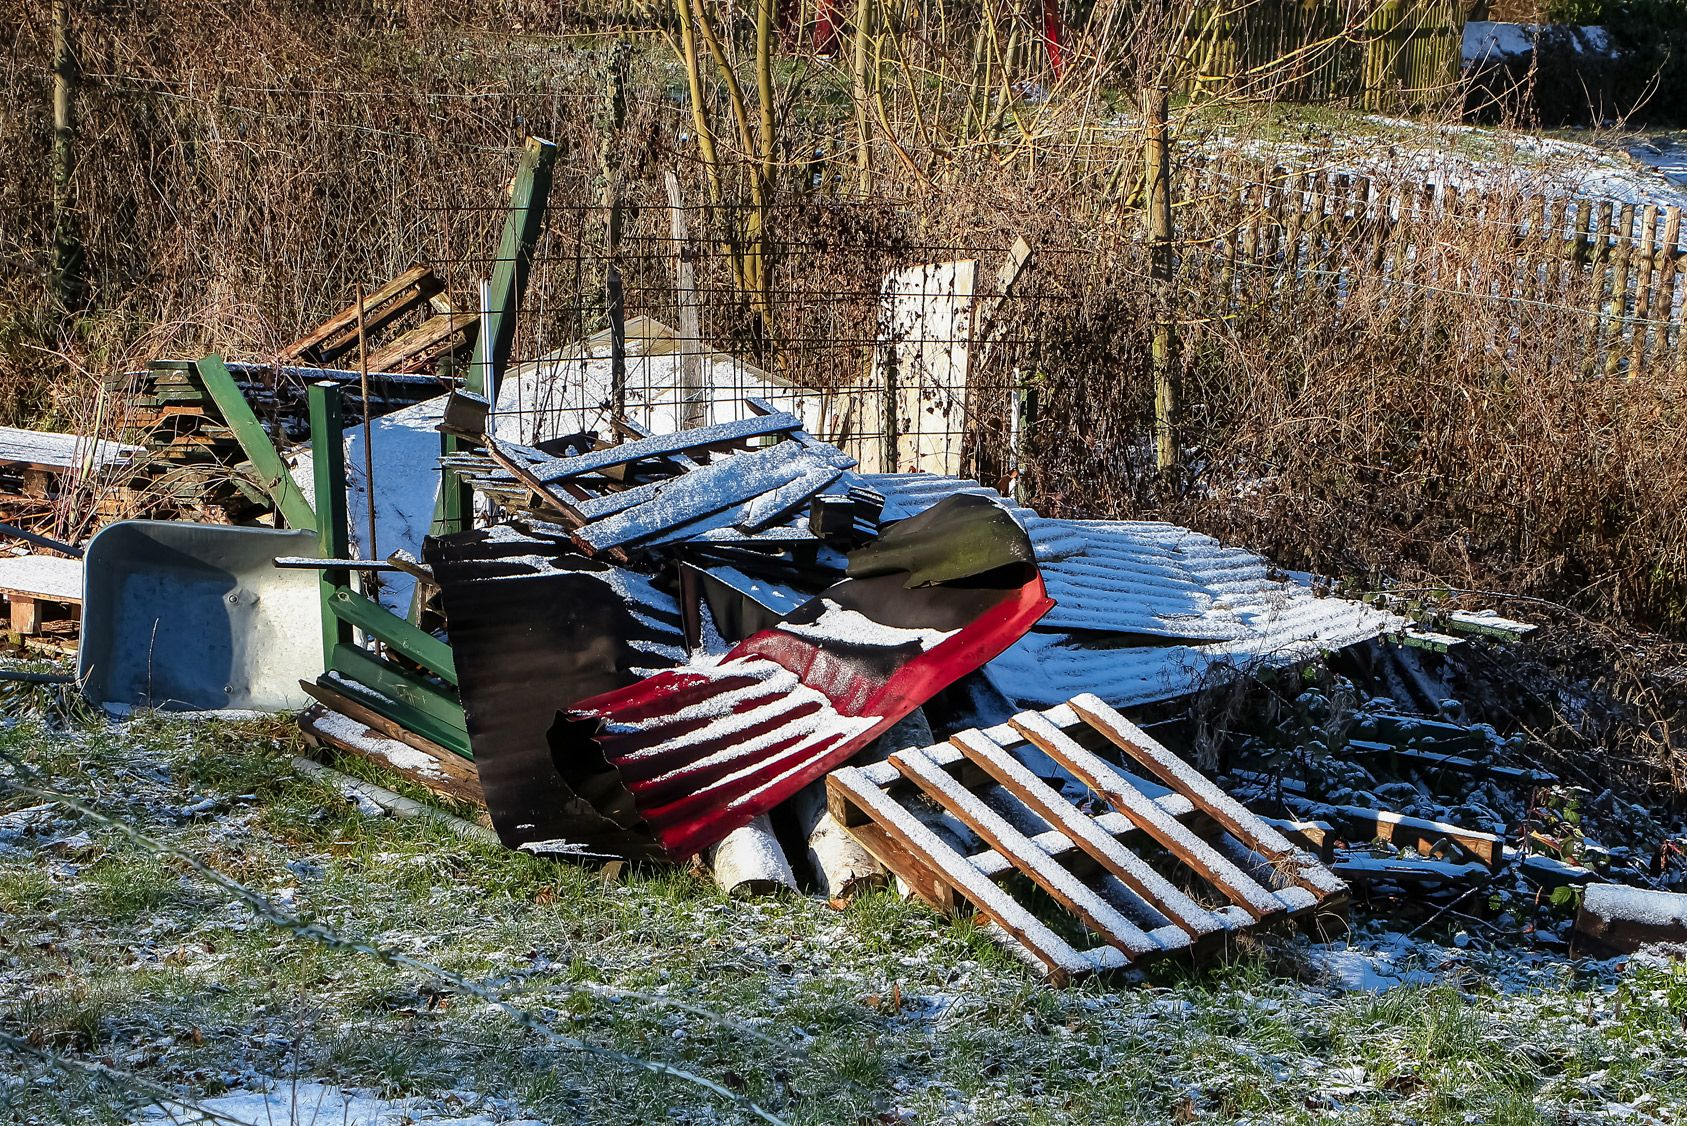 Entreposer des encombrants dans un jardin peut causer un trouble de voisinage